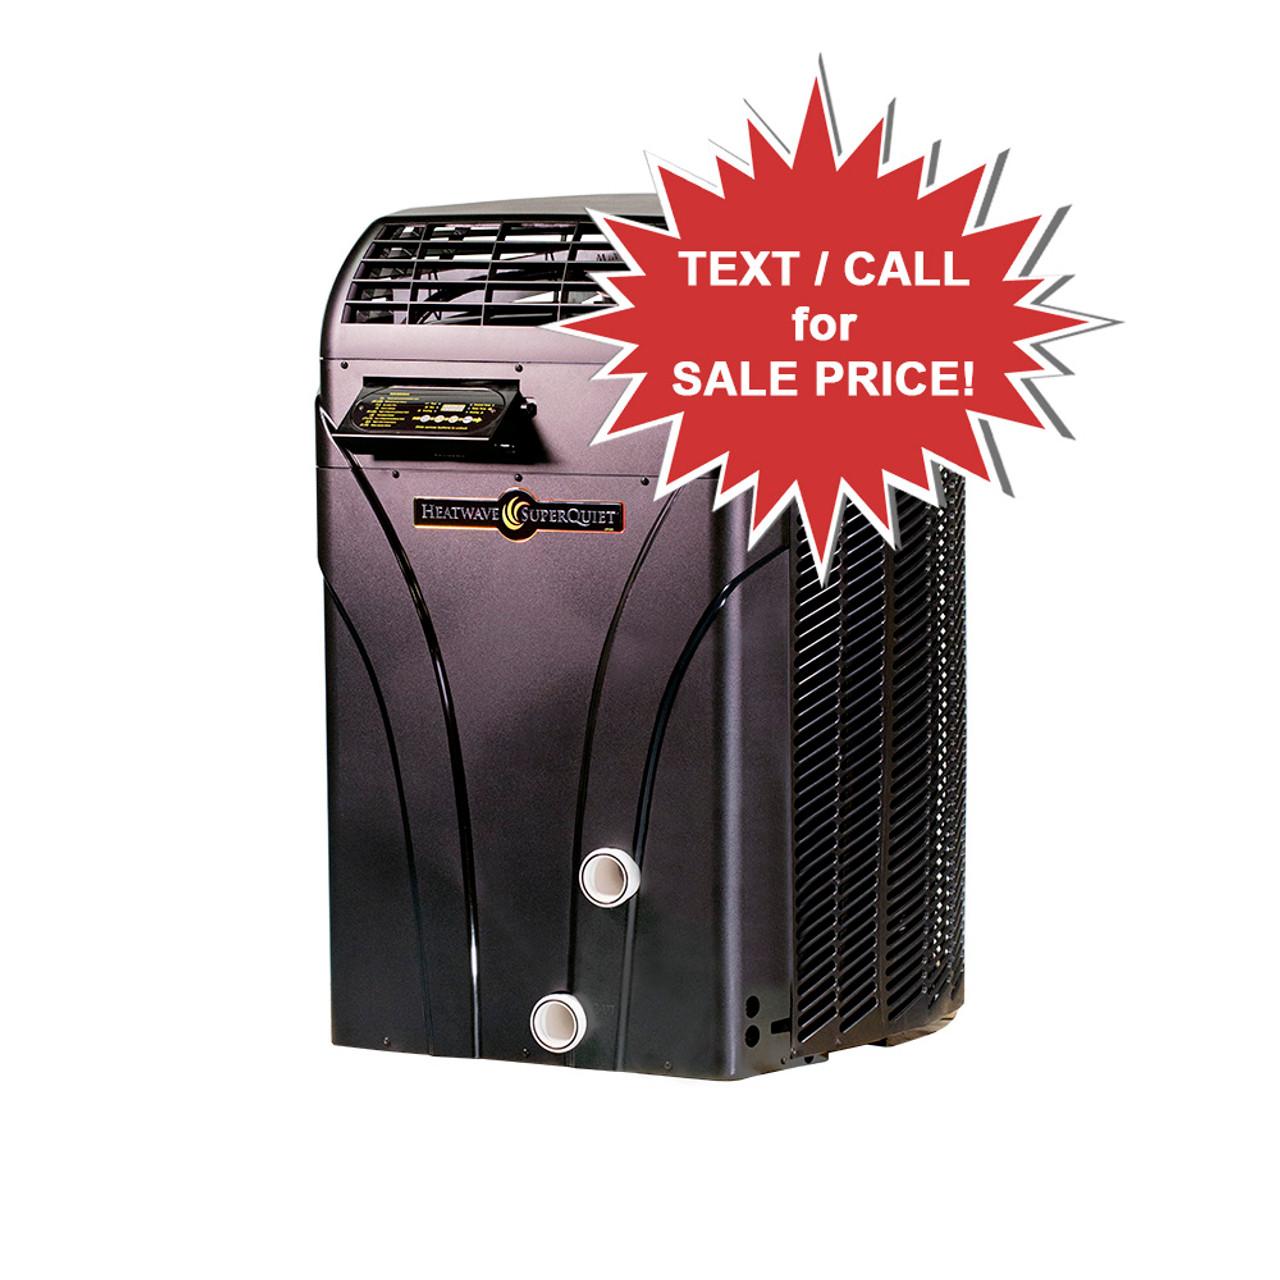 Aqua-Cal SQ-120R SuperQuiet 110k BTU Pool & Spa Heat/Cool Pump